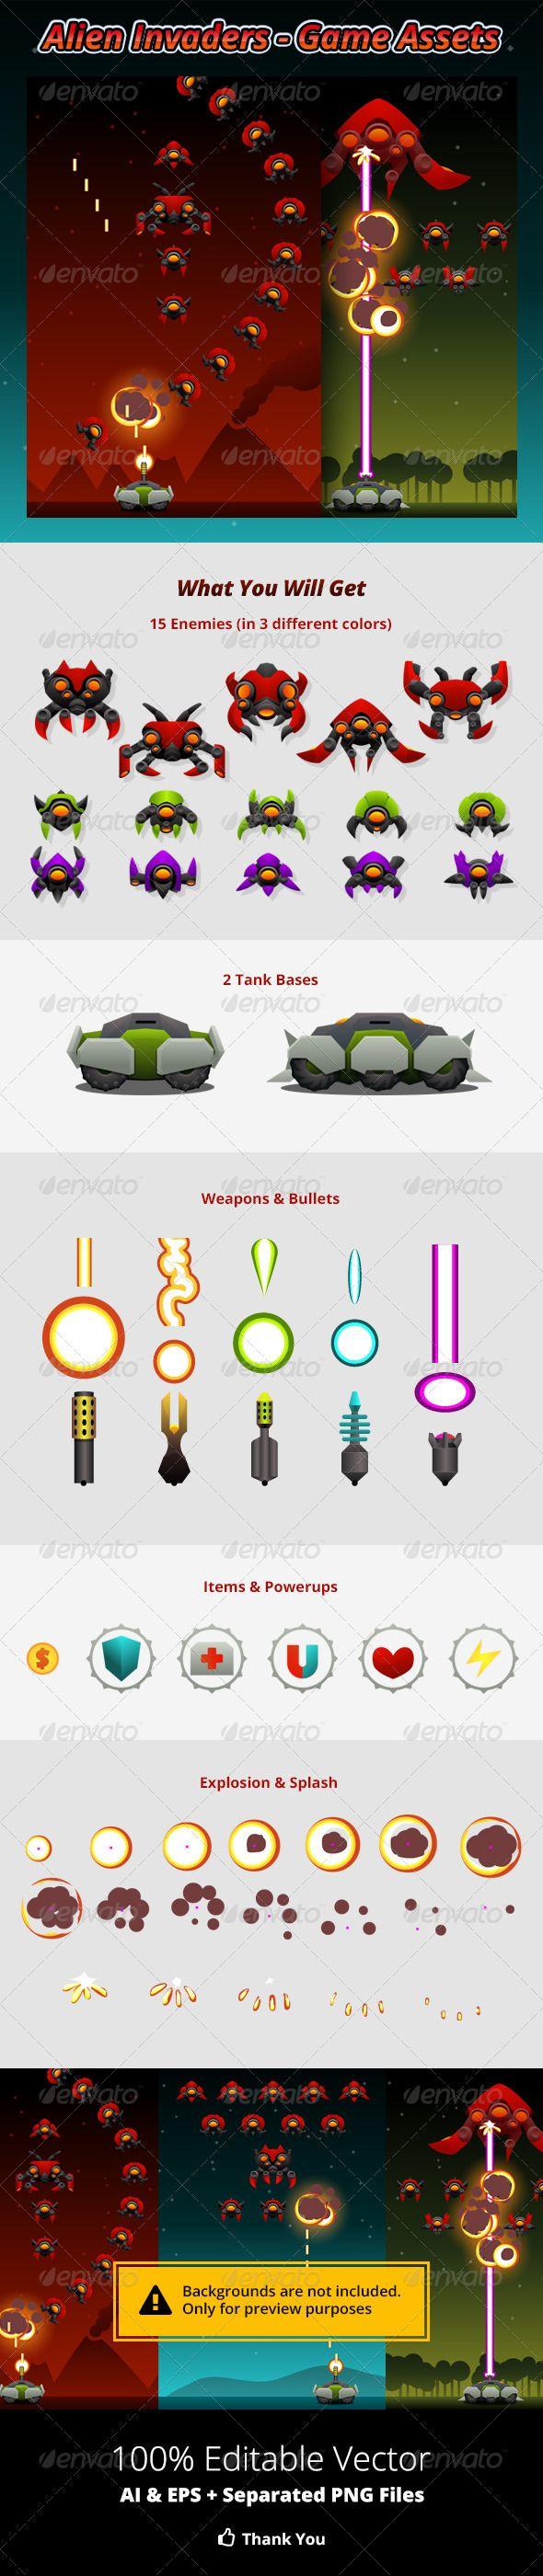 Alien Invaders Game Assets Game Assets Alien Invader Space Invaders Game